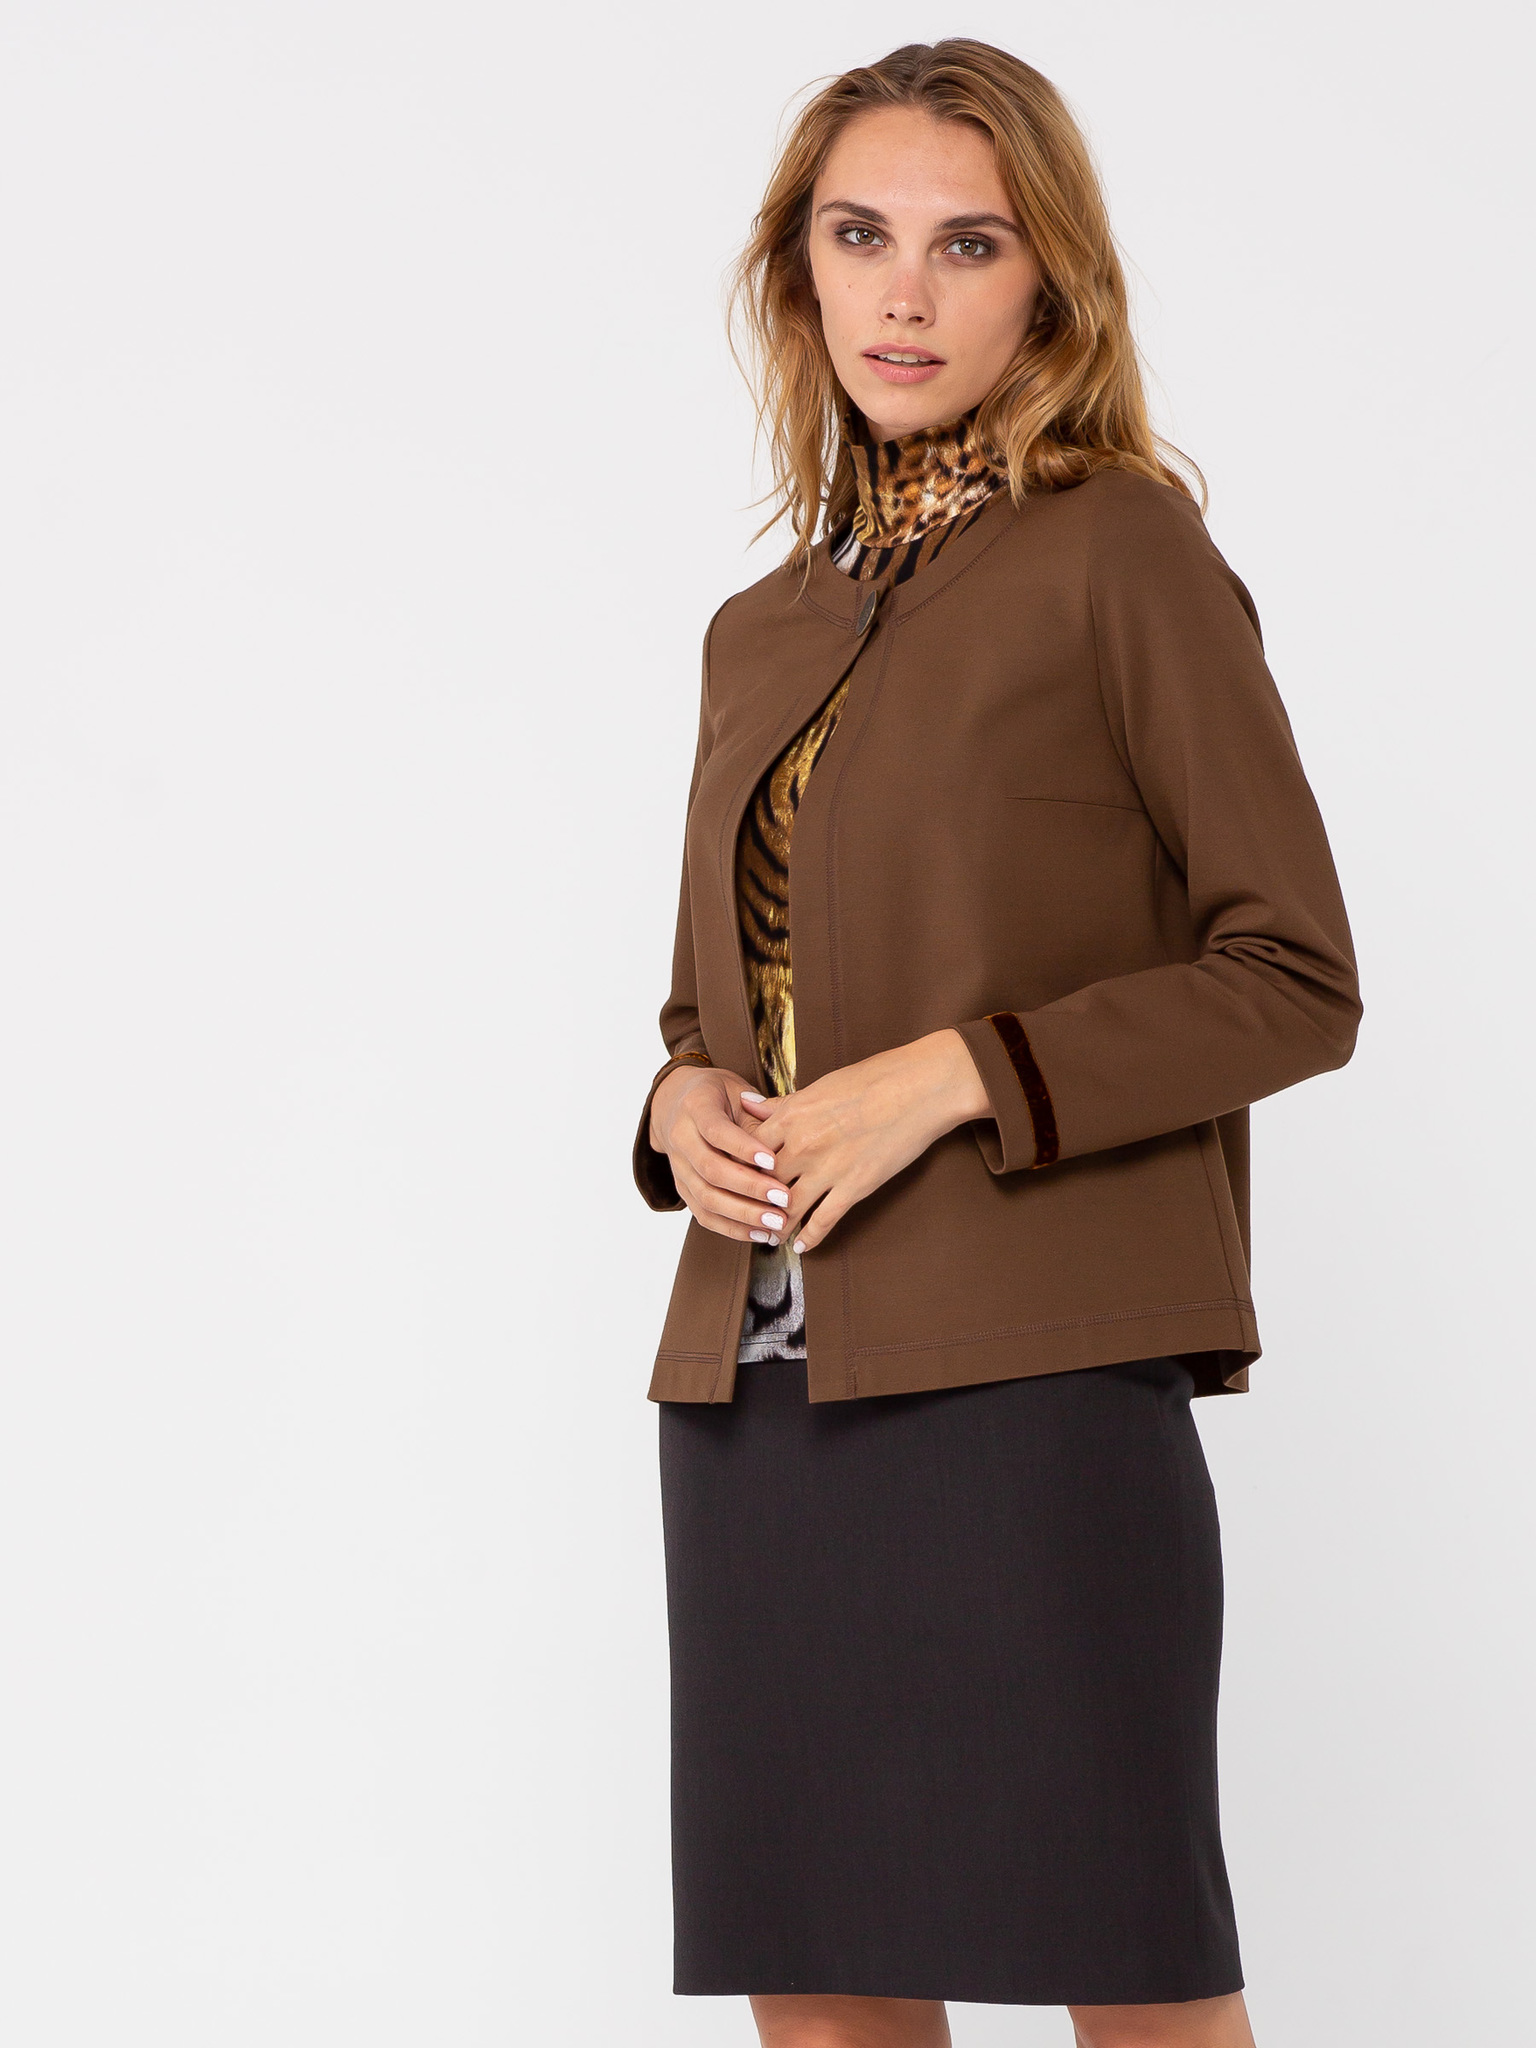 Жакет Д549-628 - Жакет классического прямого силуэта с застёжкой на одну пуговицу выполнен из плотного трикотажного полотна приятного коричневого цвета. В нижней части рукавов используется отделка в виде узкой бархатной тесьмы. Жакет без подкладки.